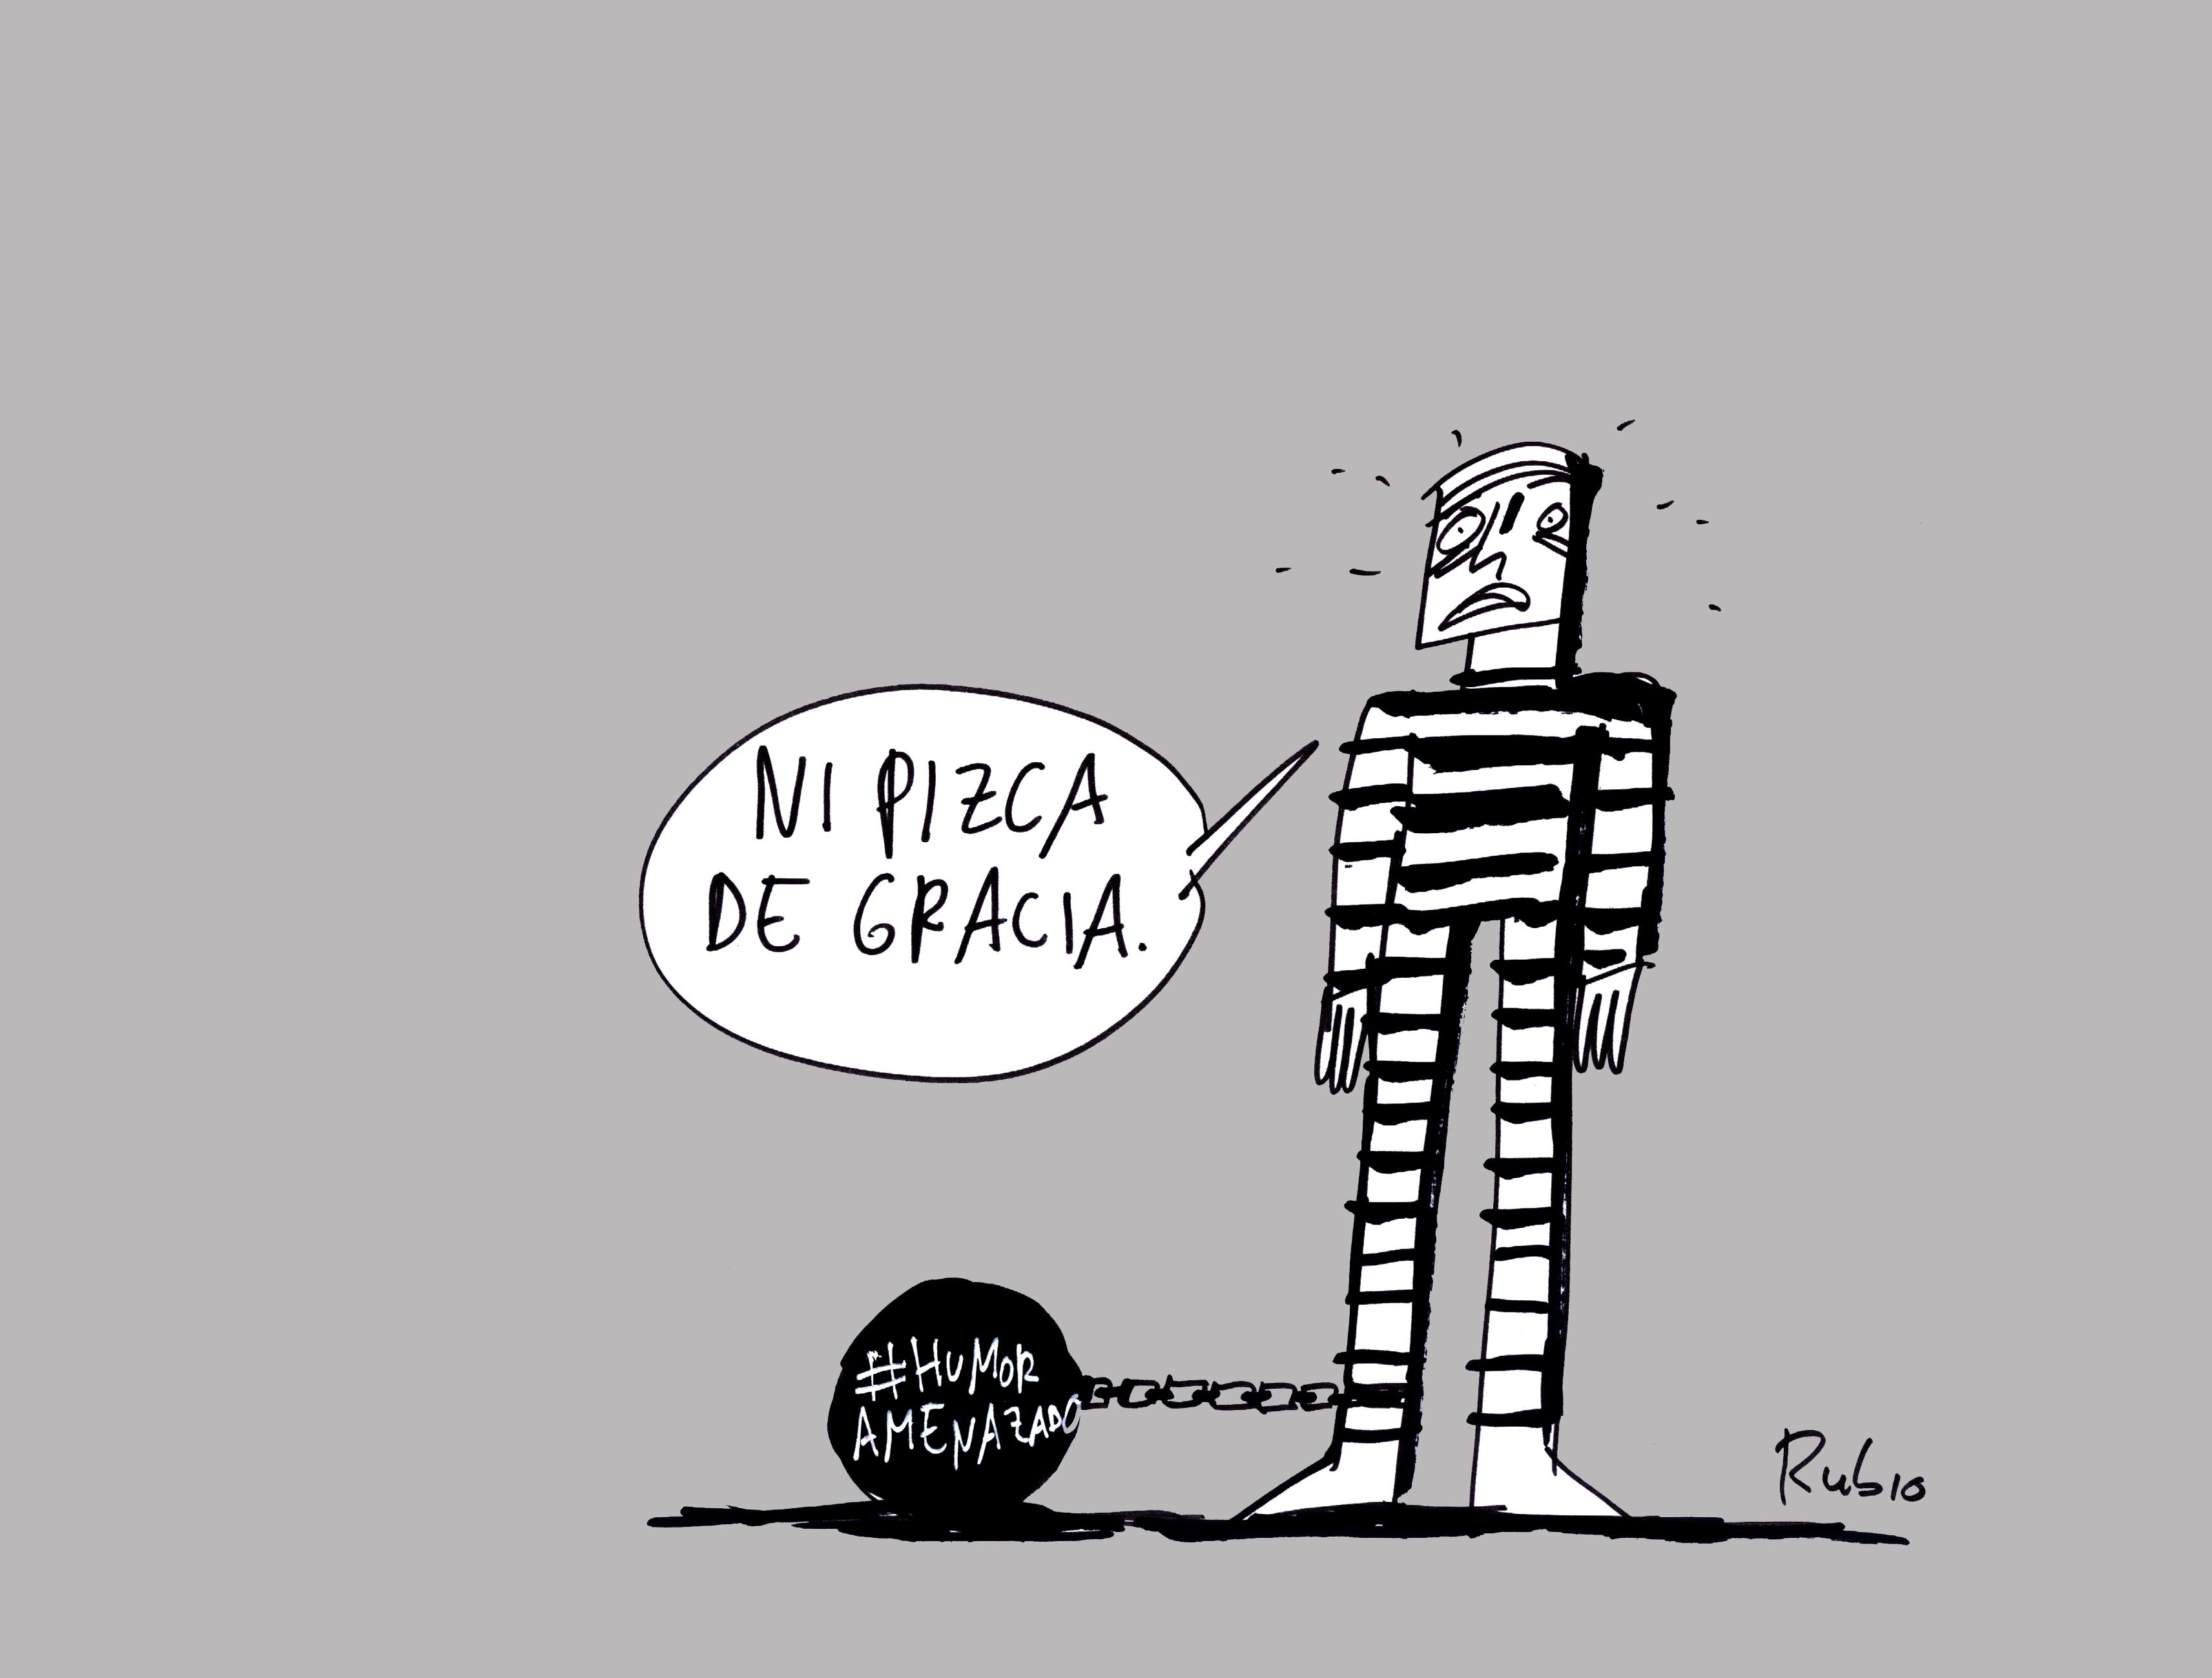 HA-Rubio